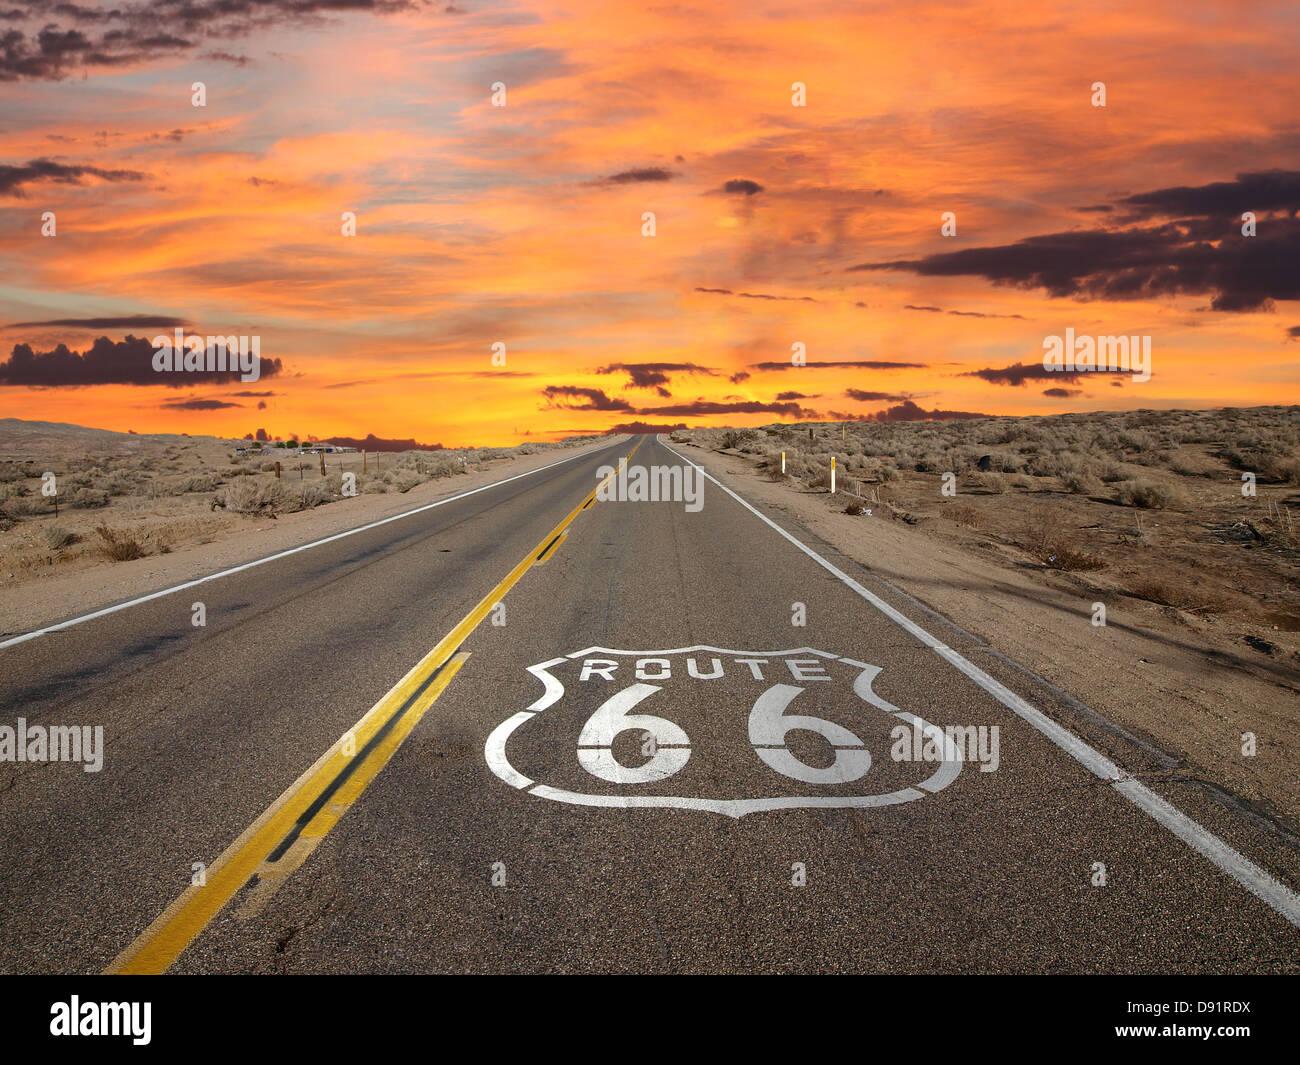 Signe de la chaussée Route 66 lever du soleil dans le désert de Mojave en Californie. Photo Stock